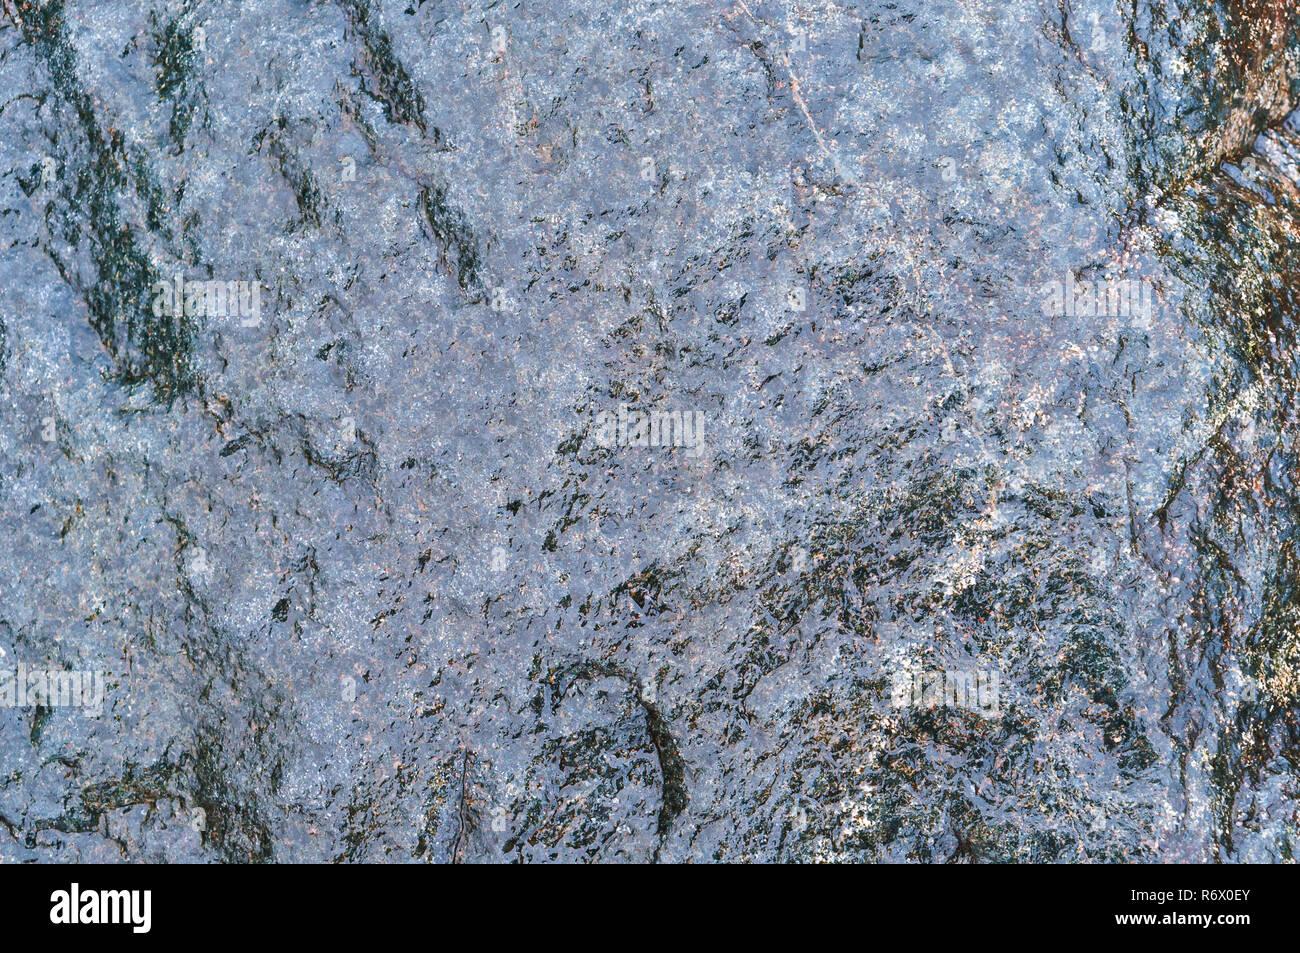 Marmor Granit Naturstein Natursteinhandel Munchen Marmor Granit